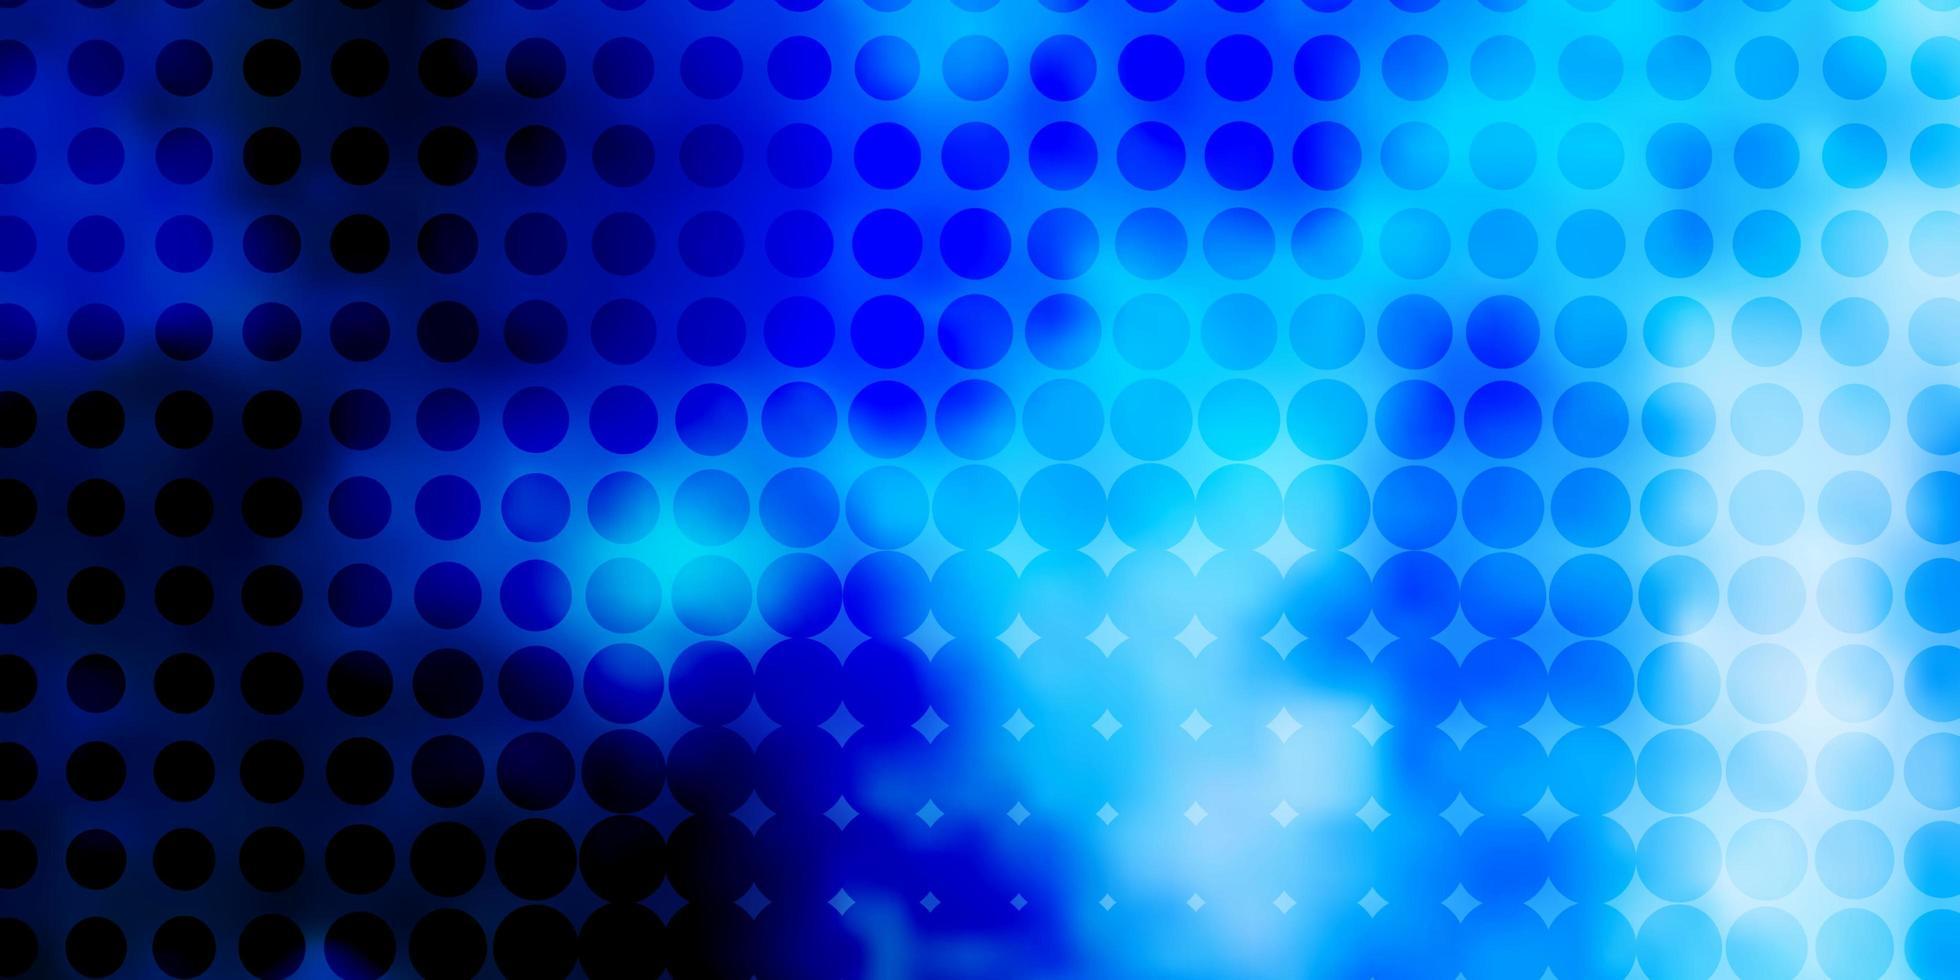 toile de fond de vecteur bleu clair avec des points